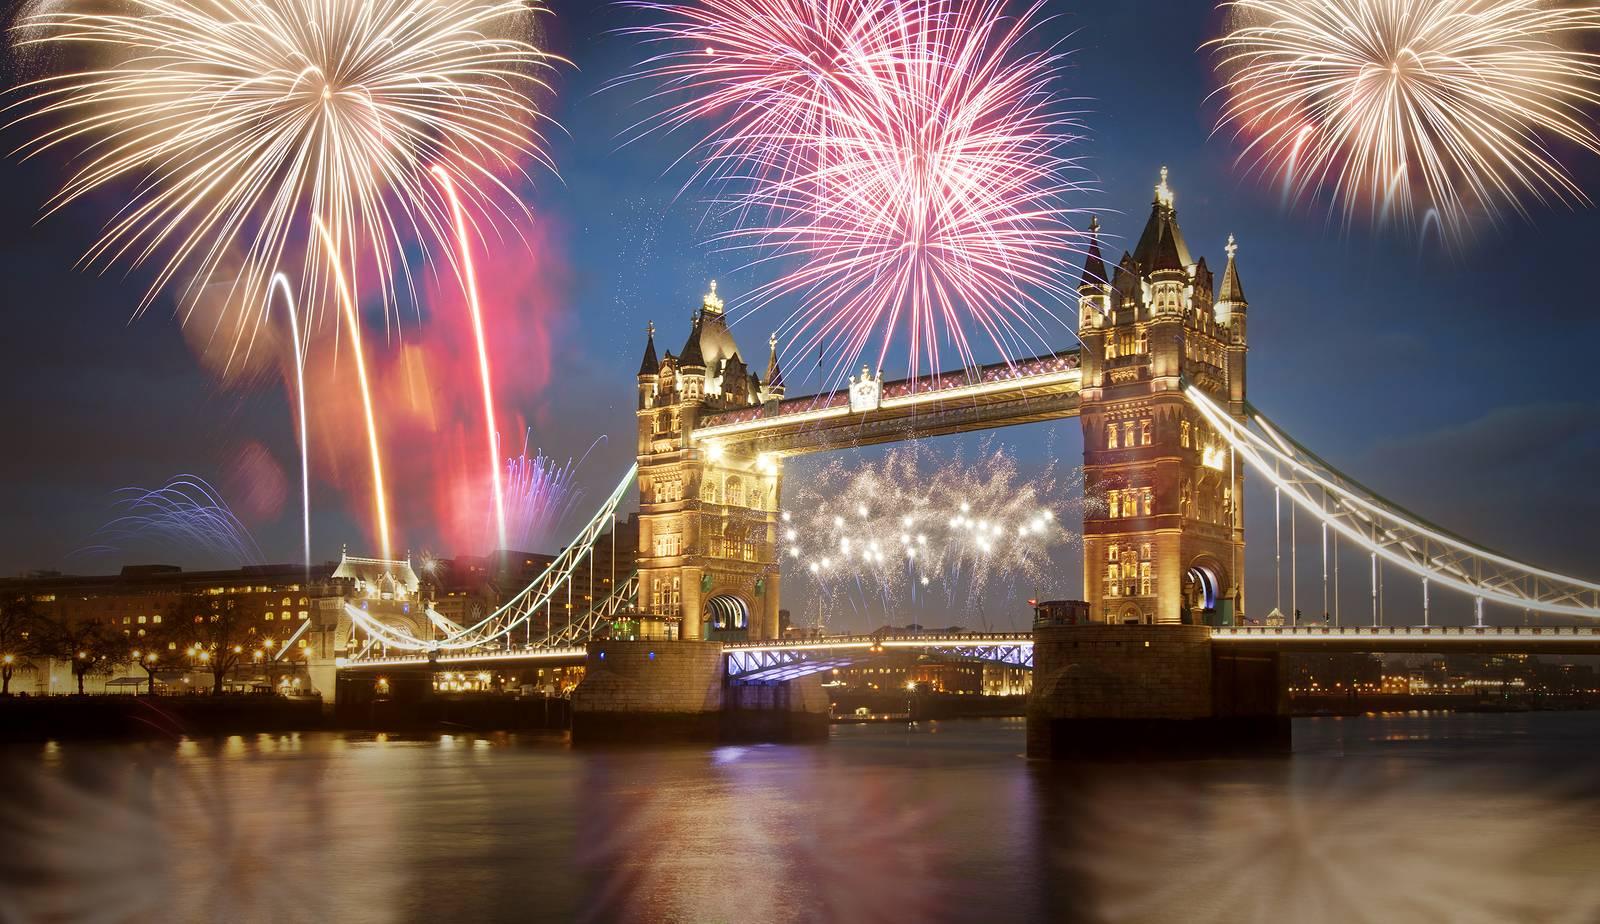 Imagen de los fuegos artificiales de Año Nuevo